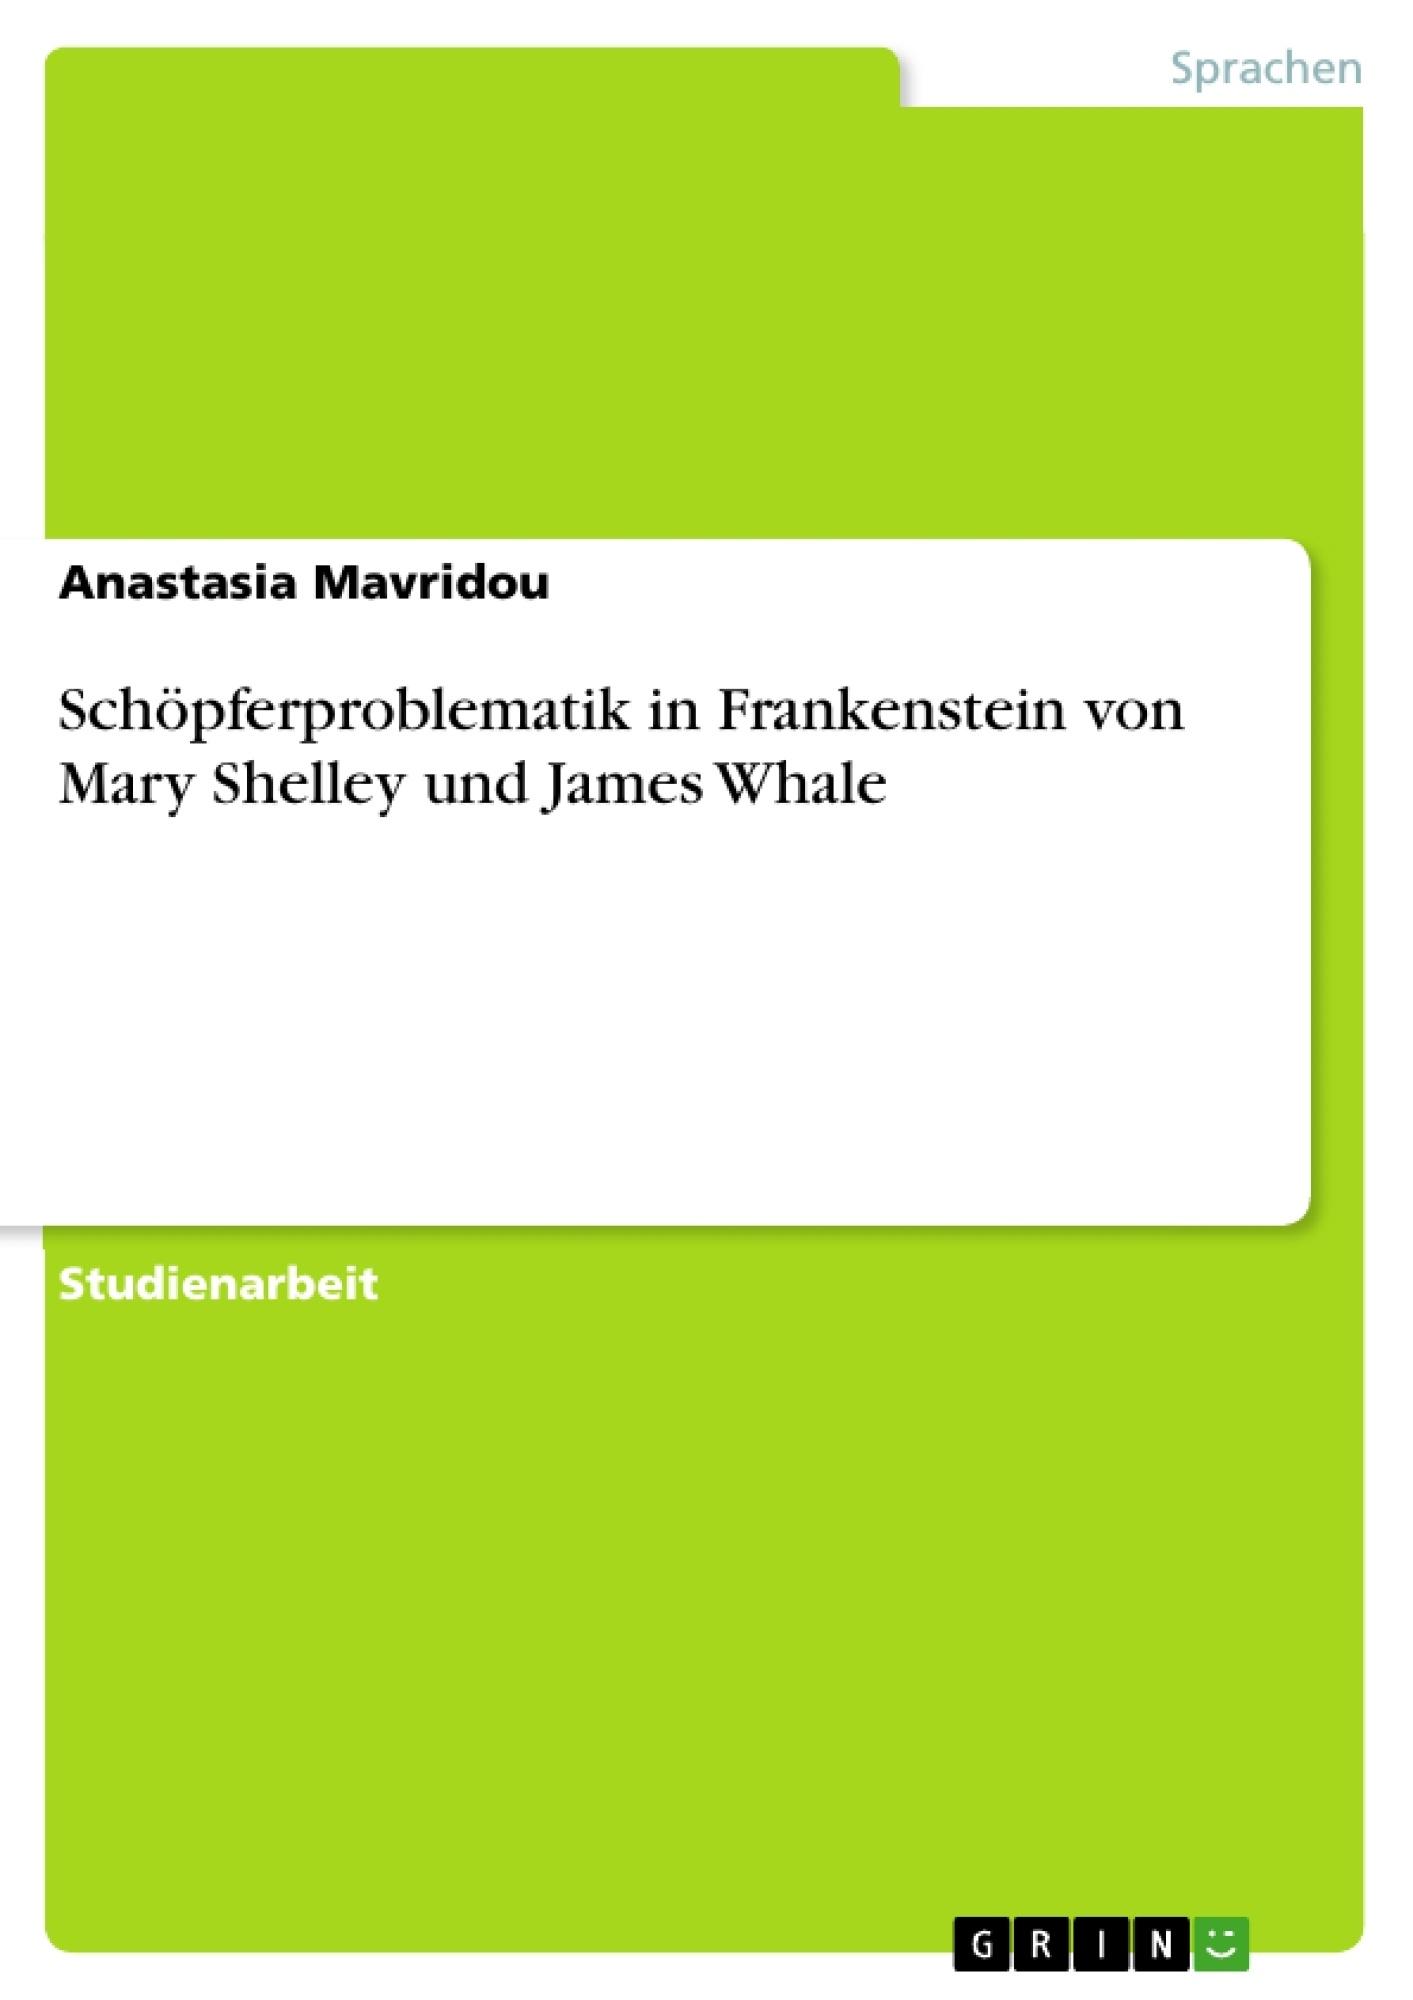 Titel: Schöpferproblematik in Frankenstein von Mary Shelley und James Whale